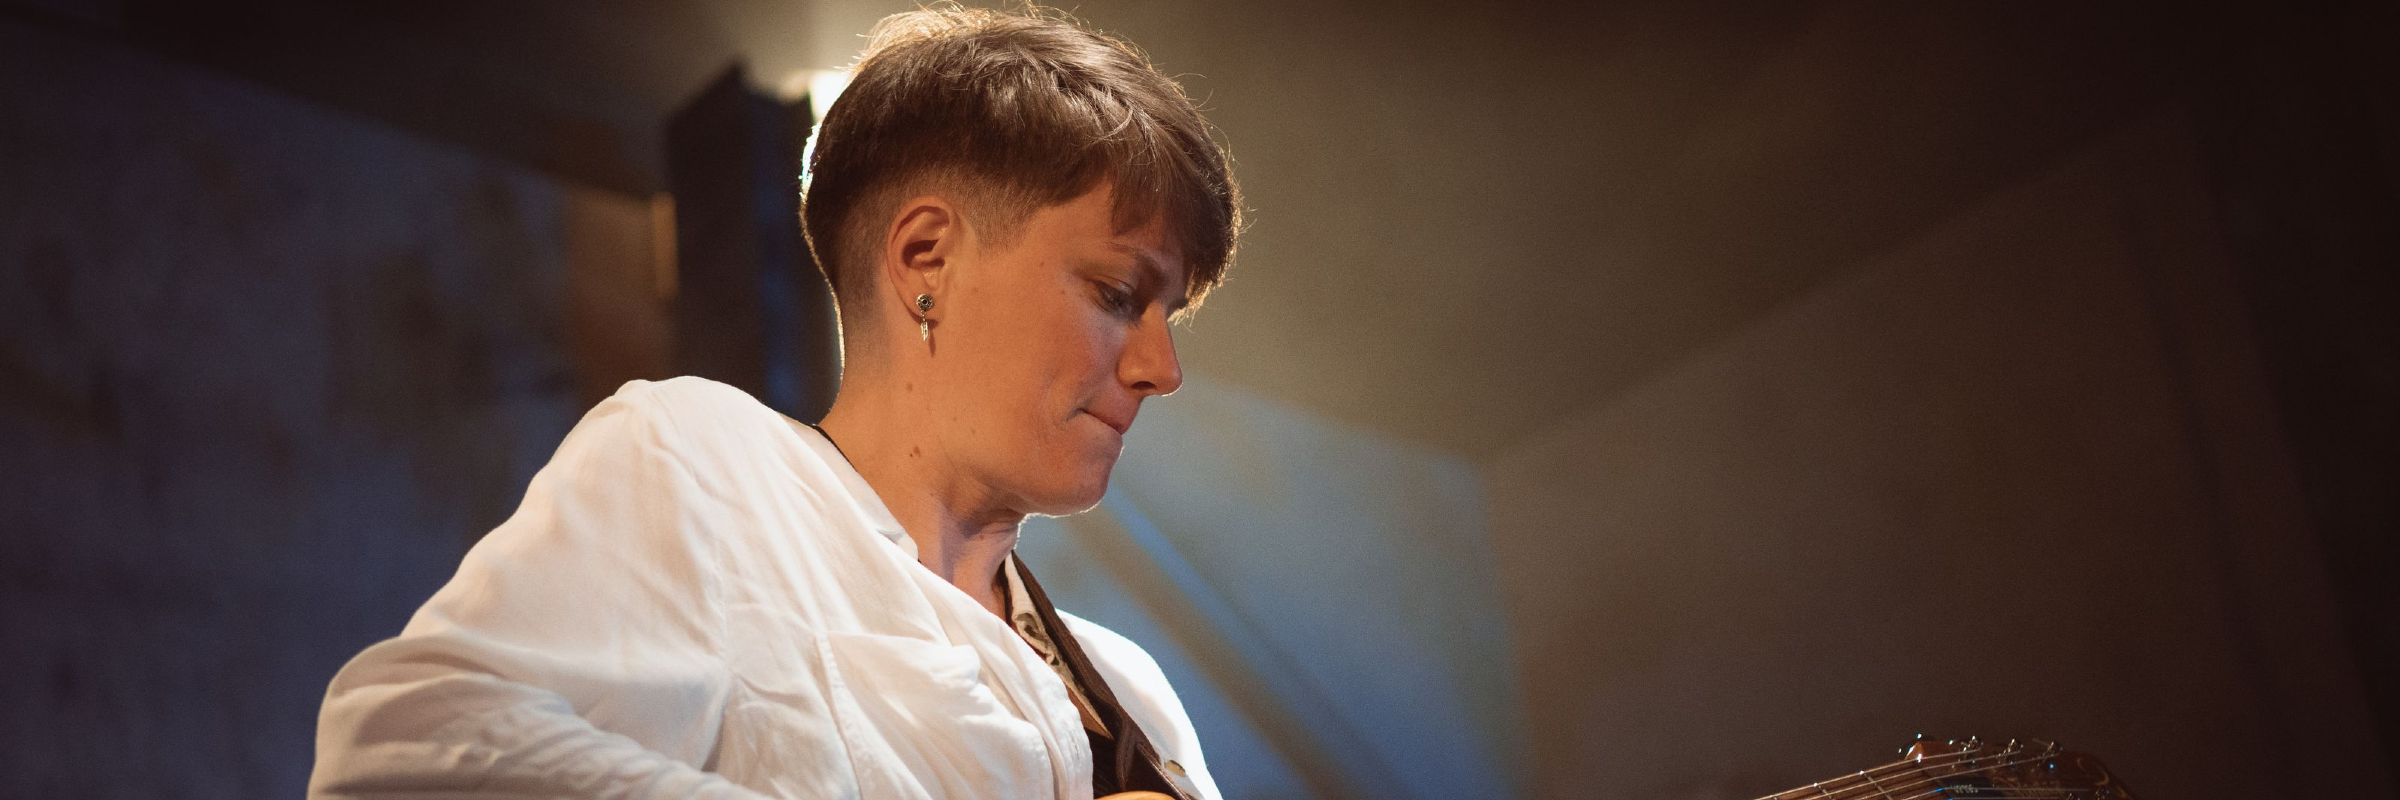 Enelos, musicien Rock en représentation à Doubs - photo de couverture n° 1